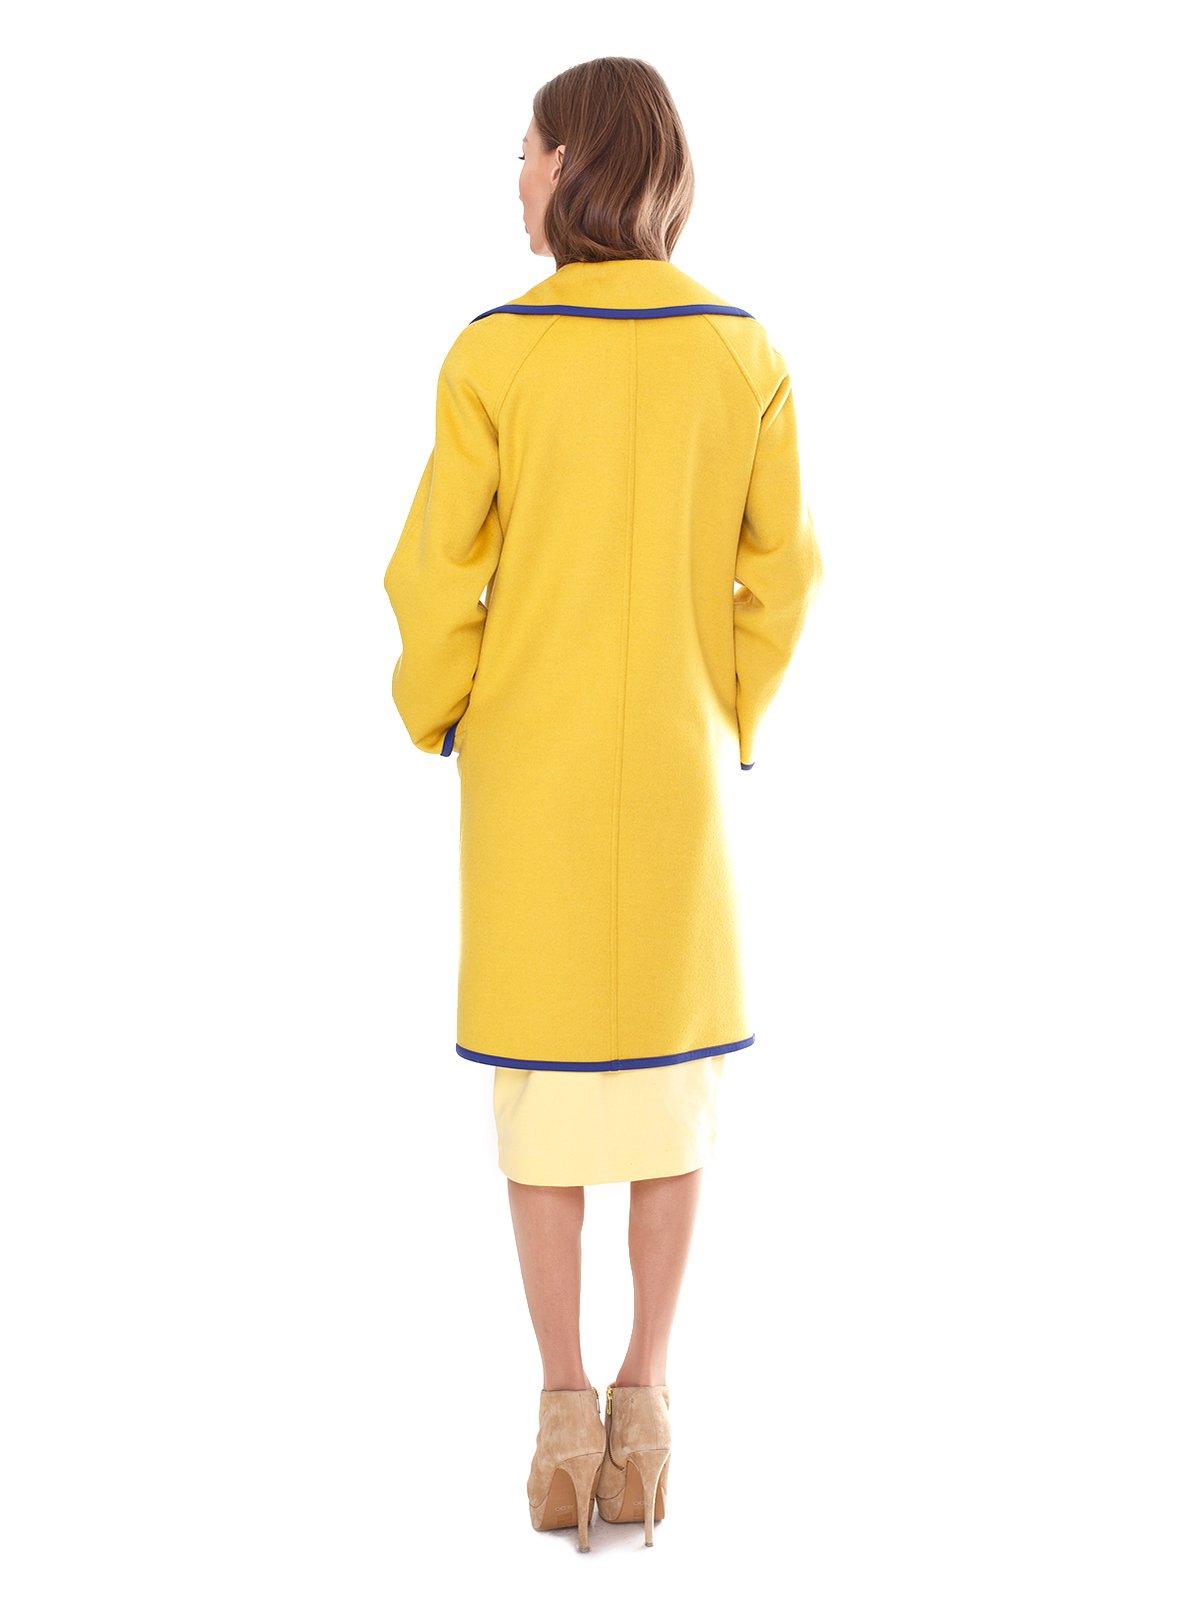 Пальто двухстороннее желтое | 2083657 | фото 2